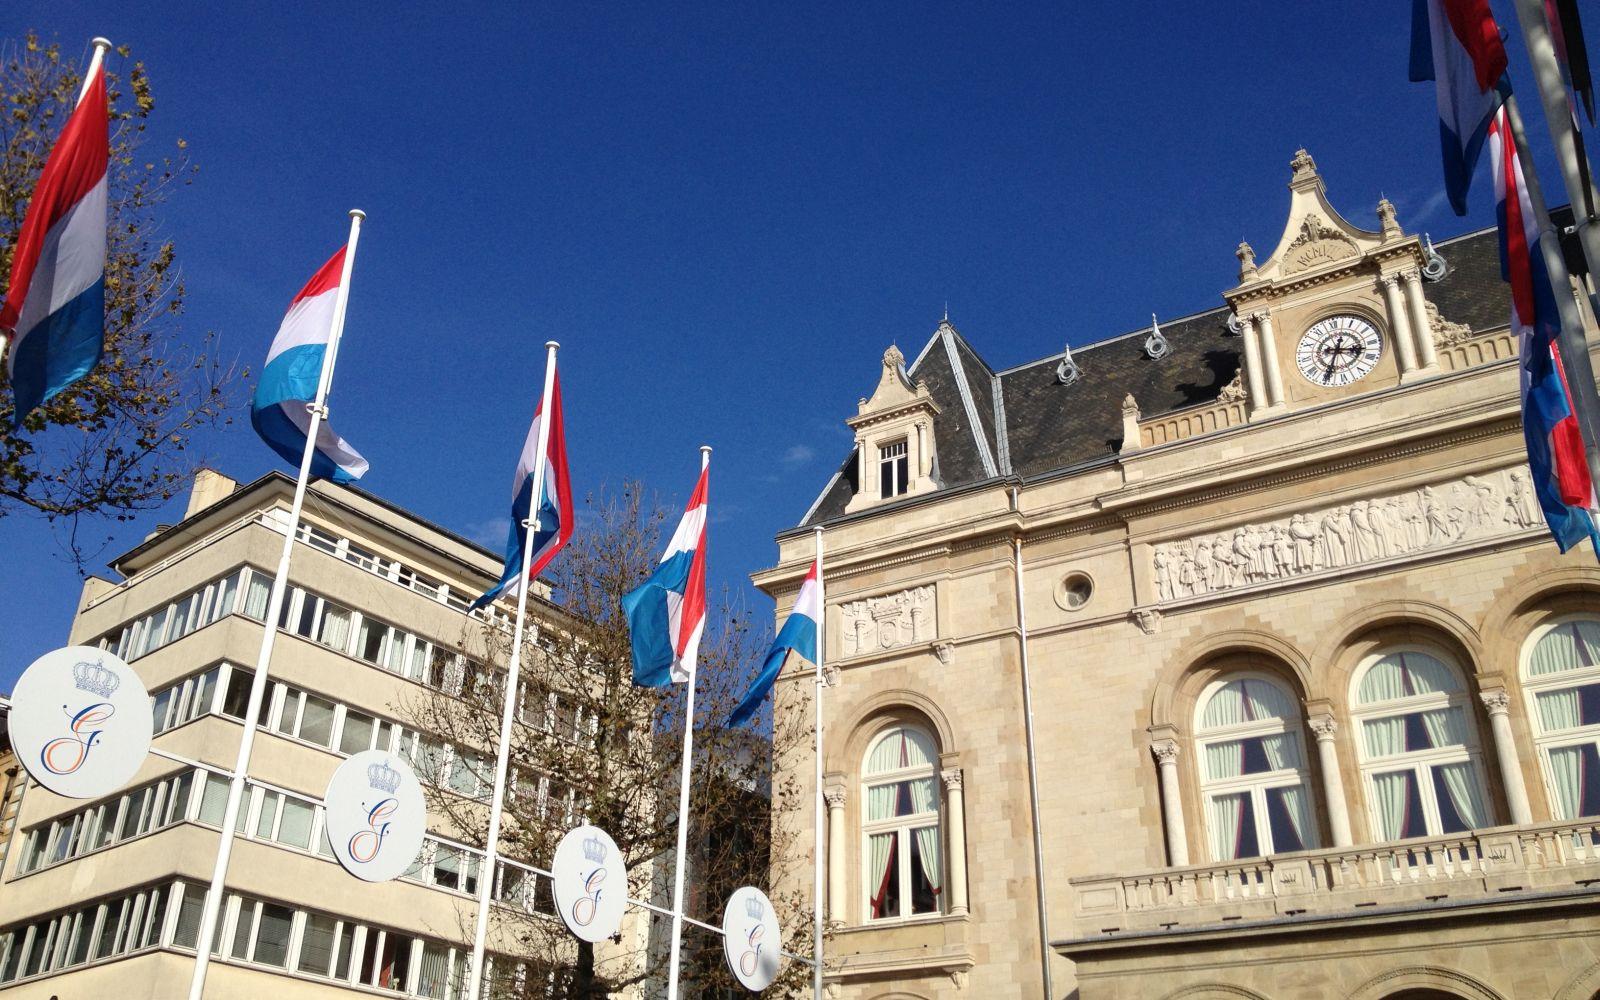 Chambre de commerce et de tourisme du p rou au luxembourg for Chambre de commerce au luxembourg